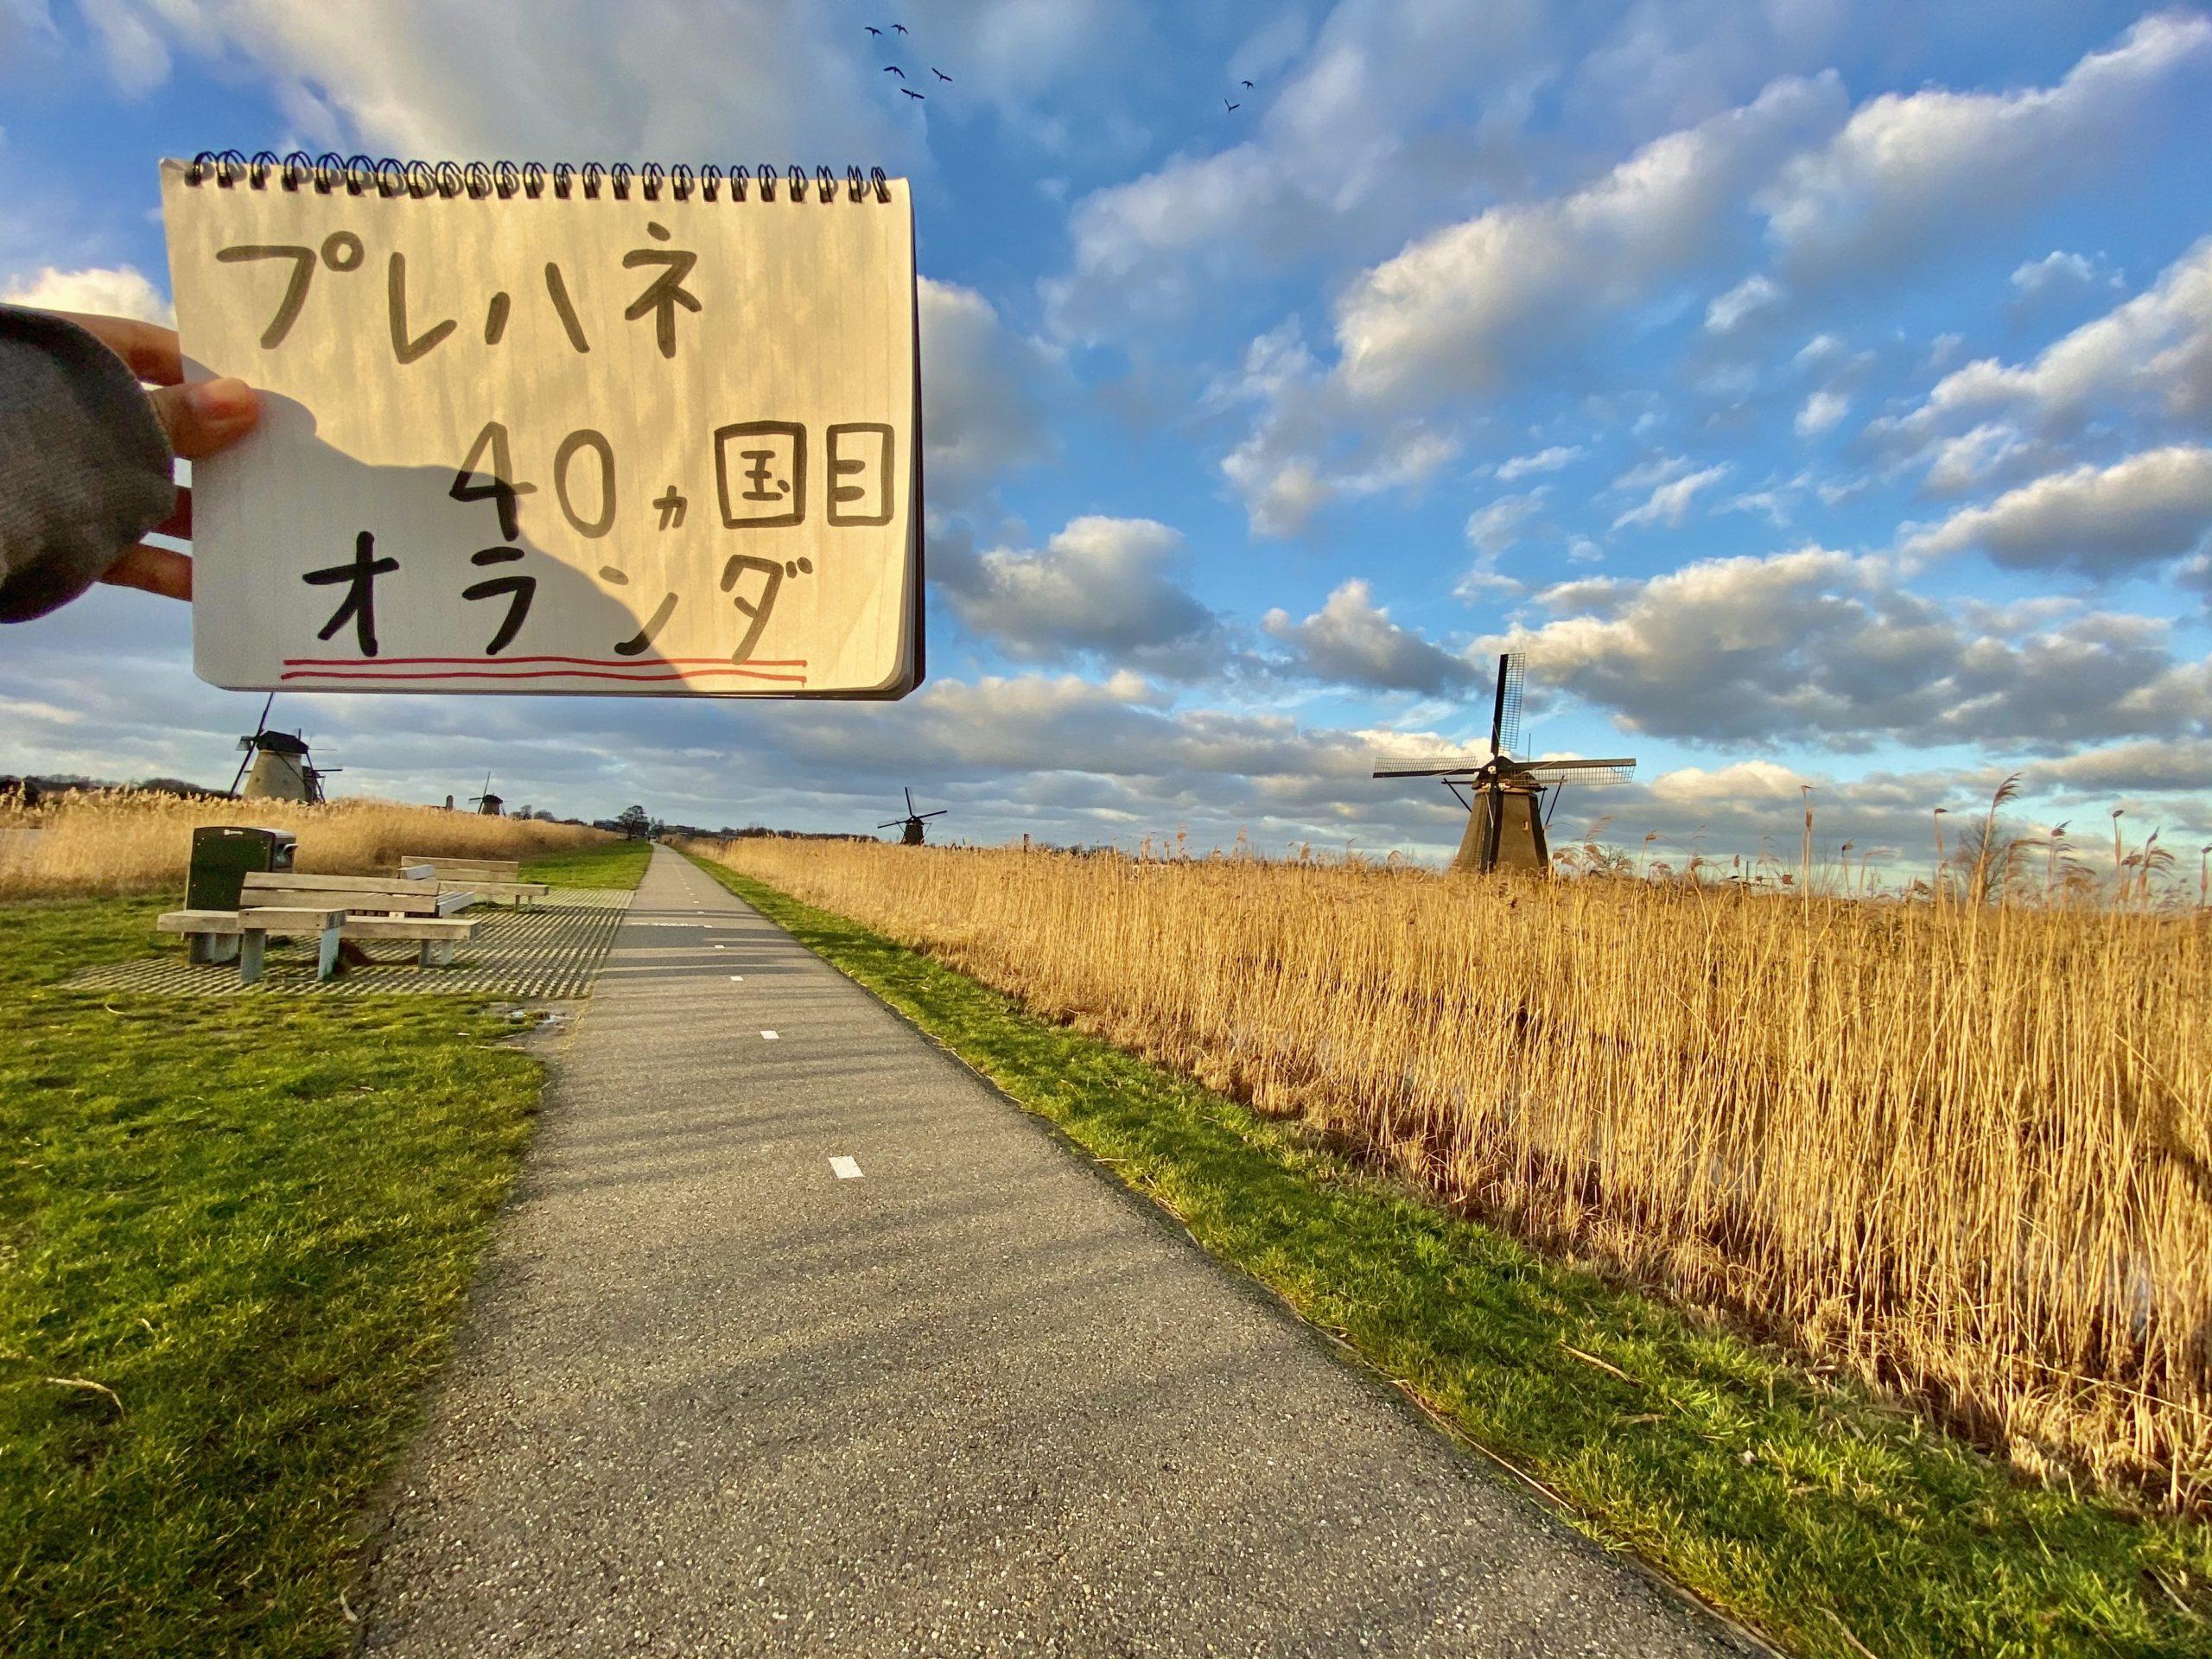 まるで絵葉書の世界、キンデルダイク風車村と初めてのコロナ差別。